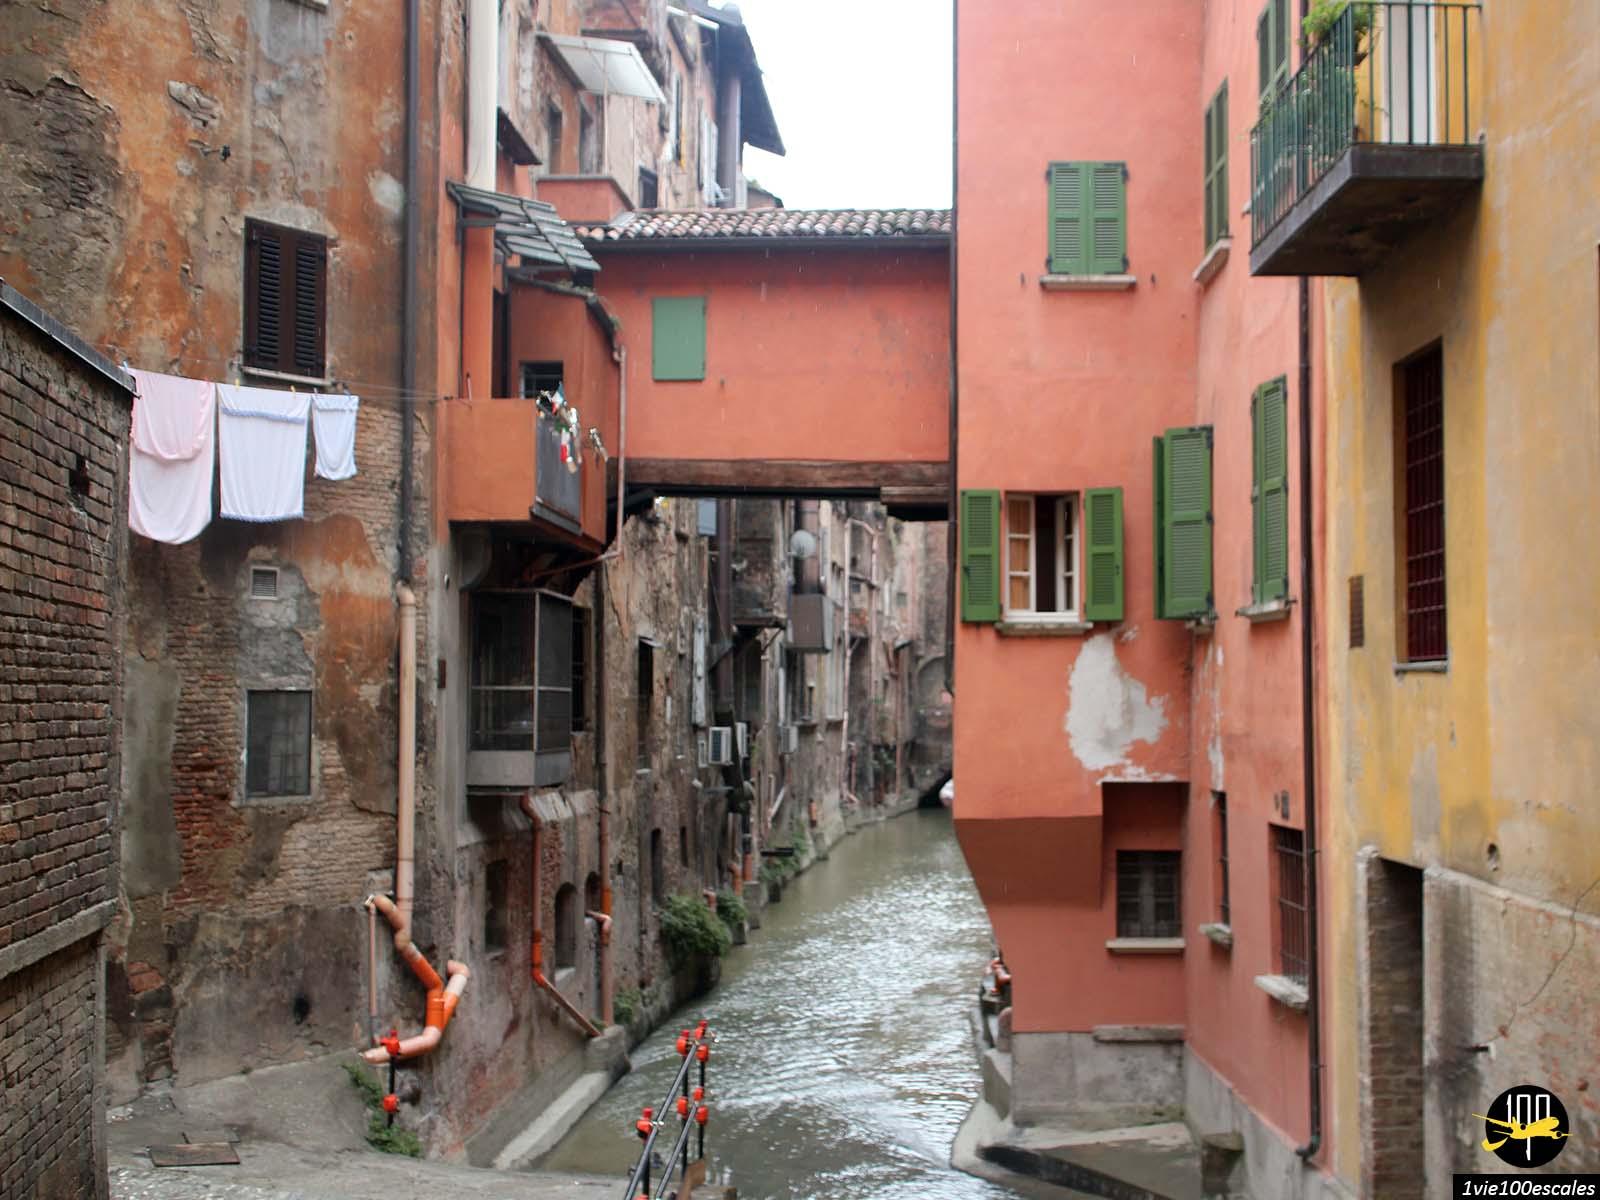 Escale #035 Bologne